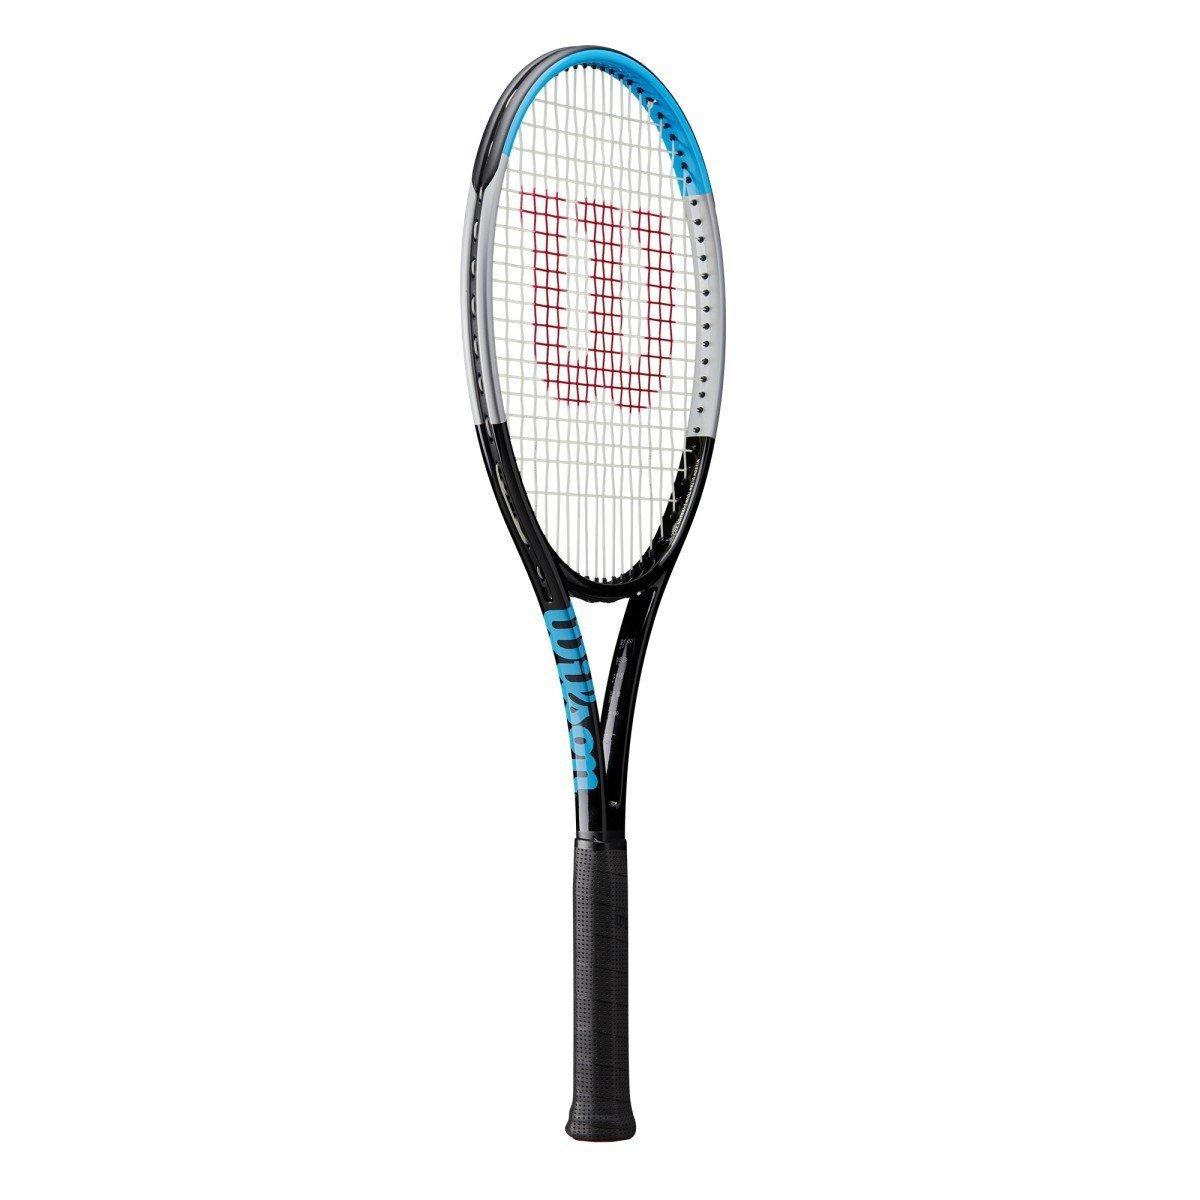 Wilson Tennis Racket – Ultra Pro v3